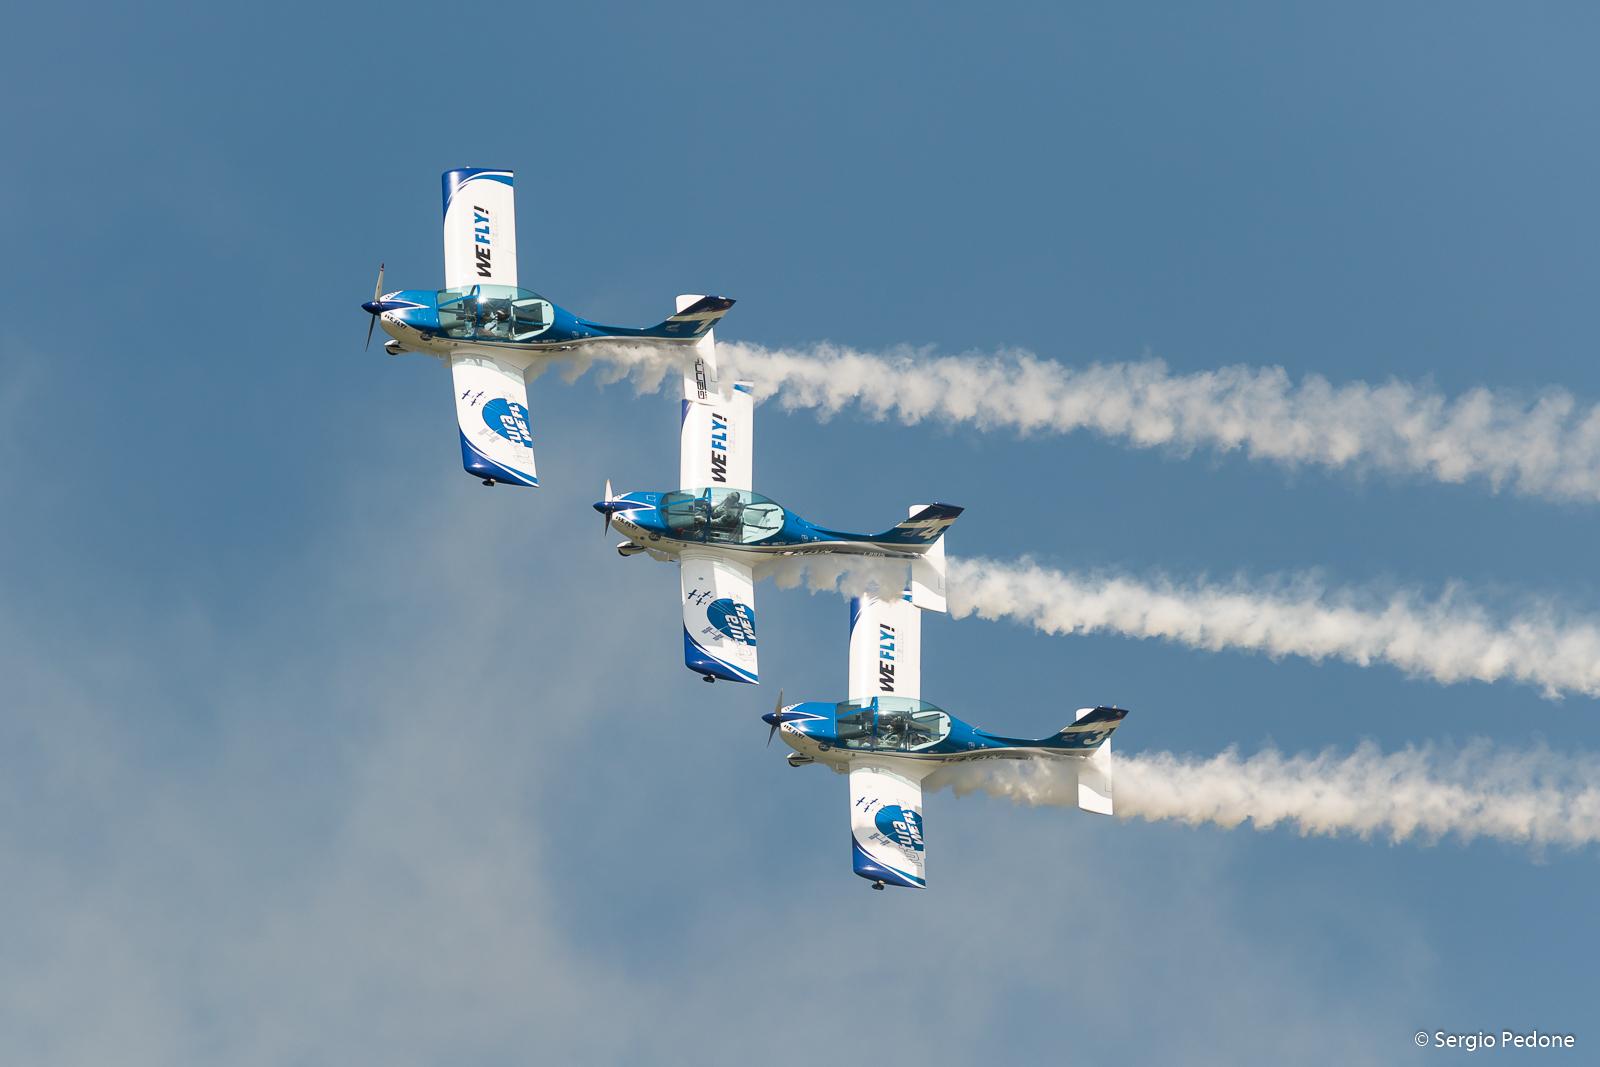 Air Show Frecce Tricolori and the Centennial Aeritalia...